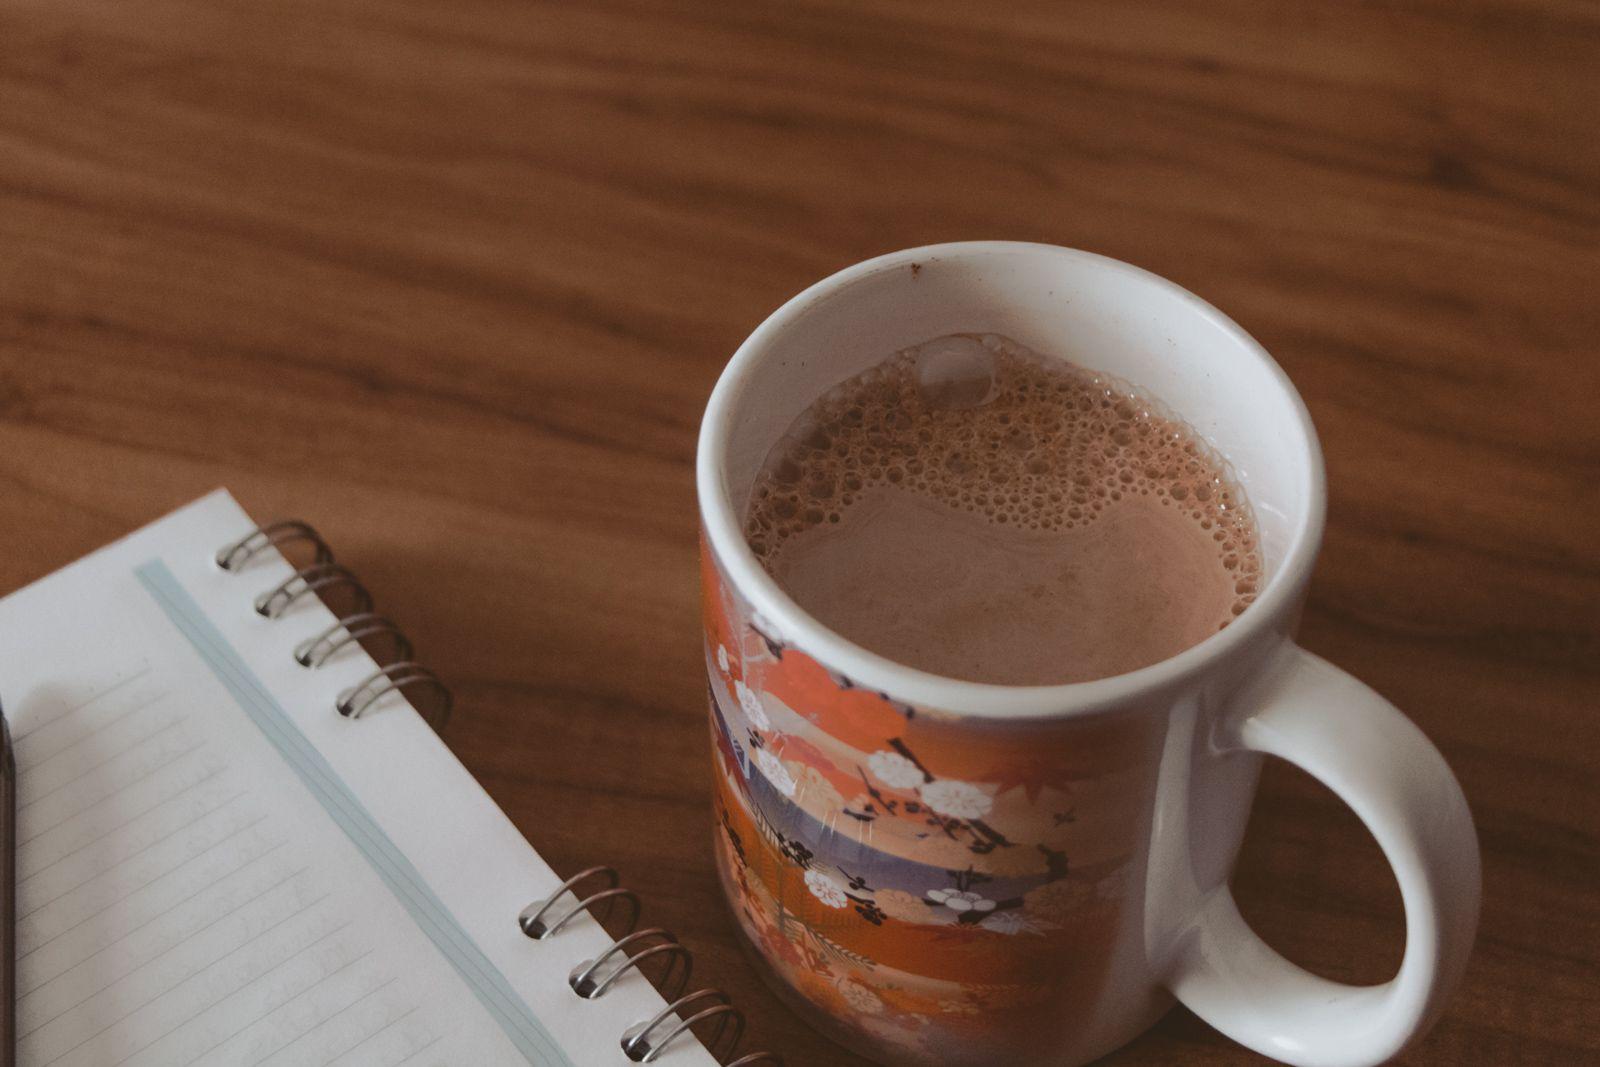 Cansaço psicológico + make good art cocoa mug